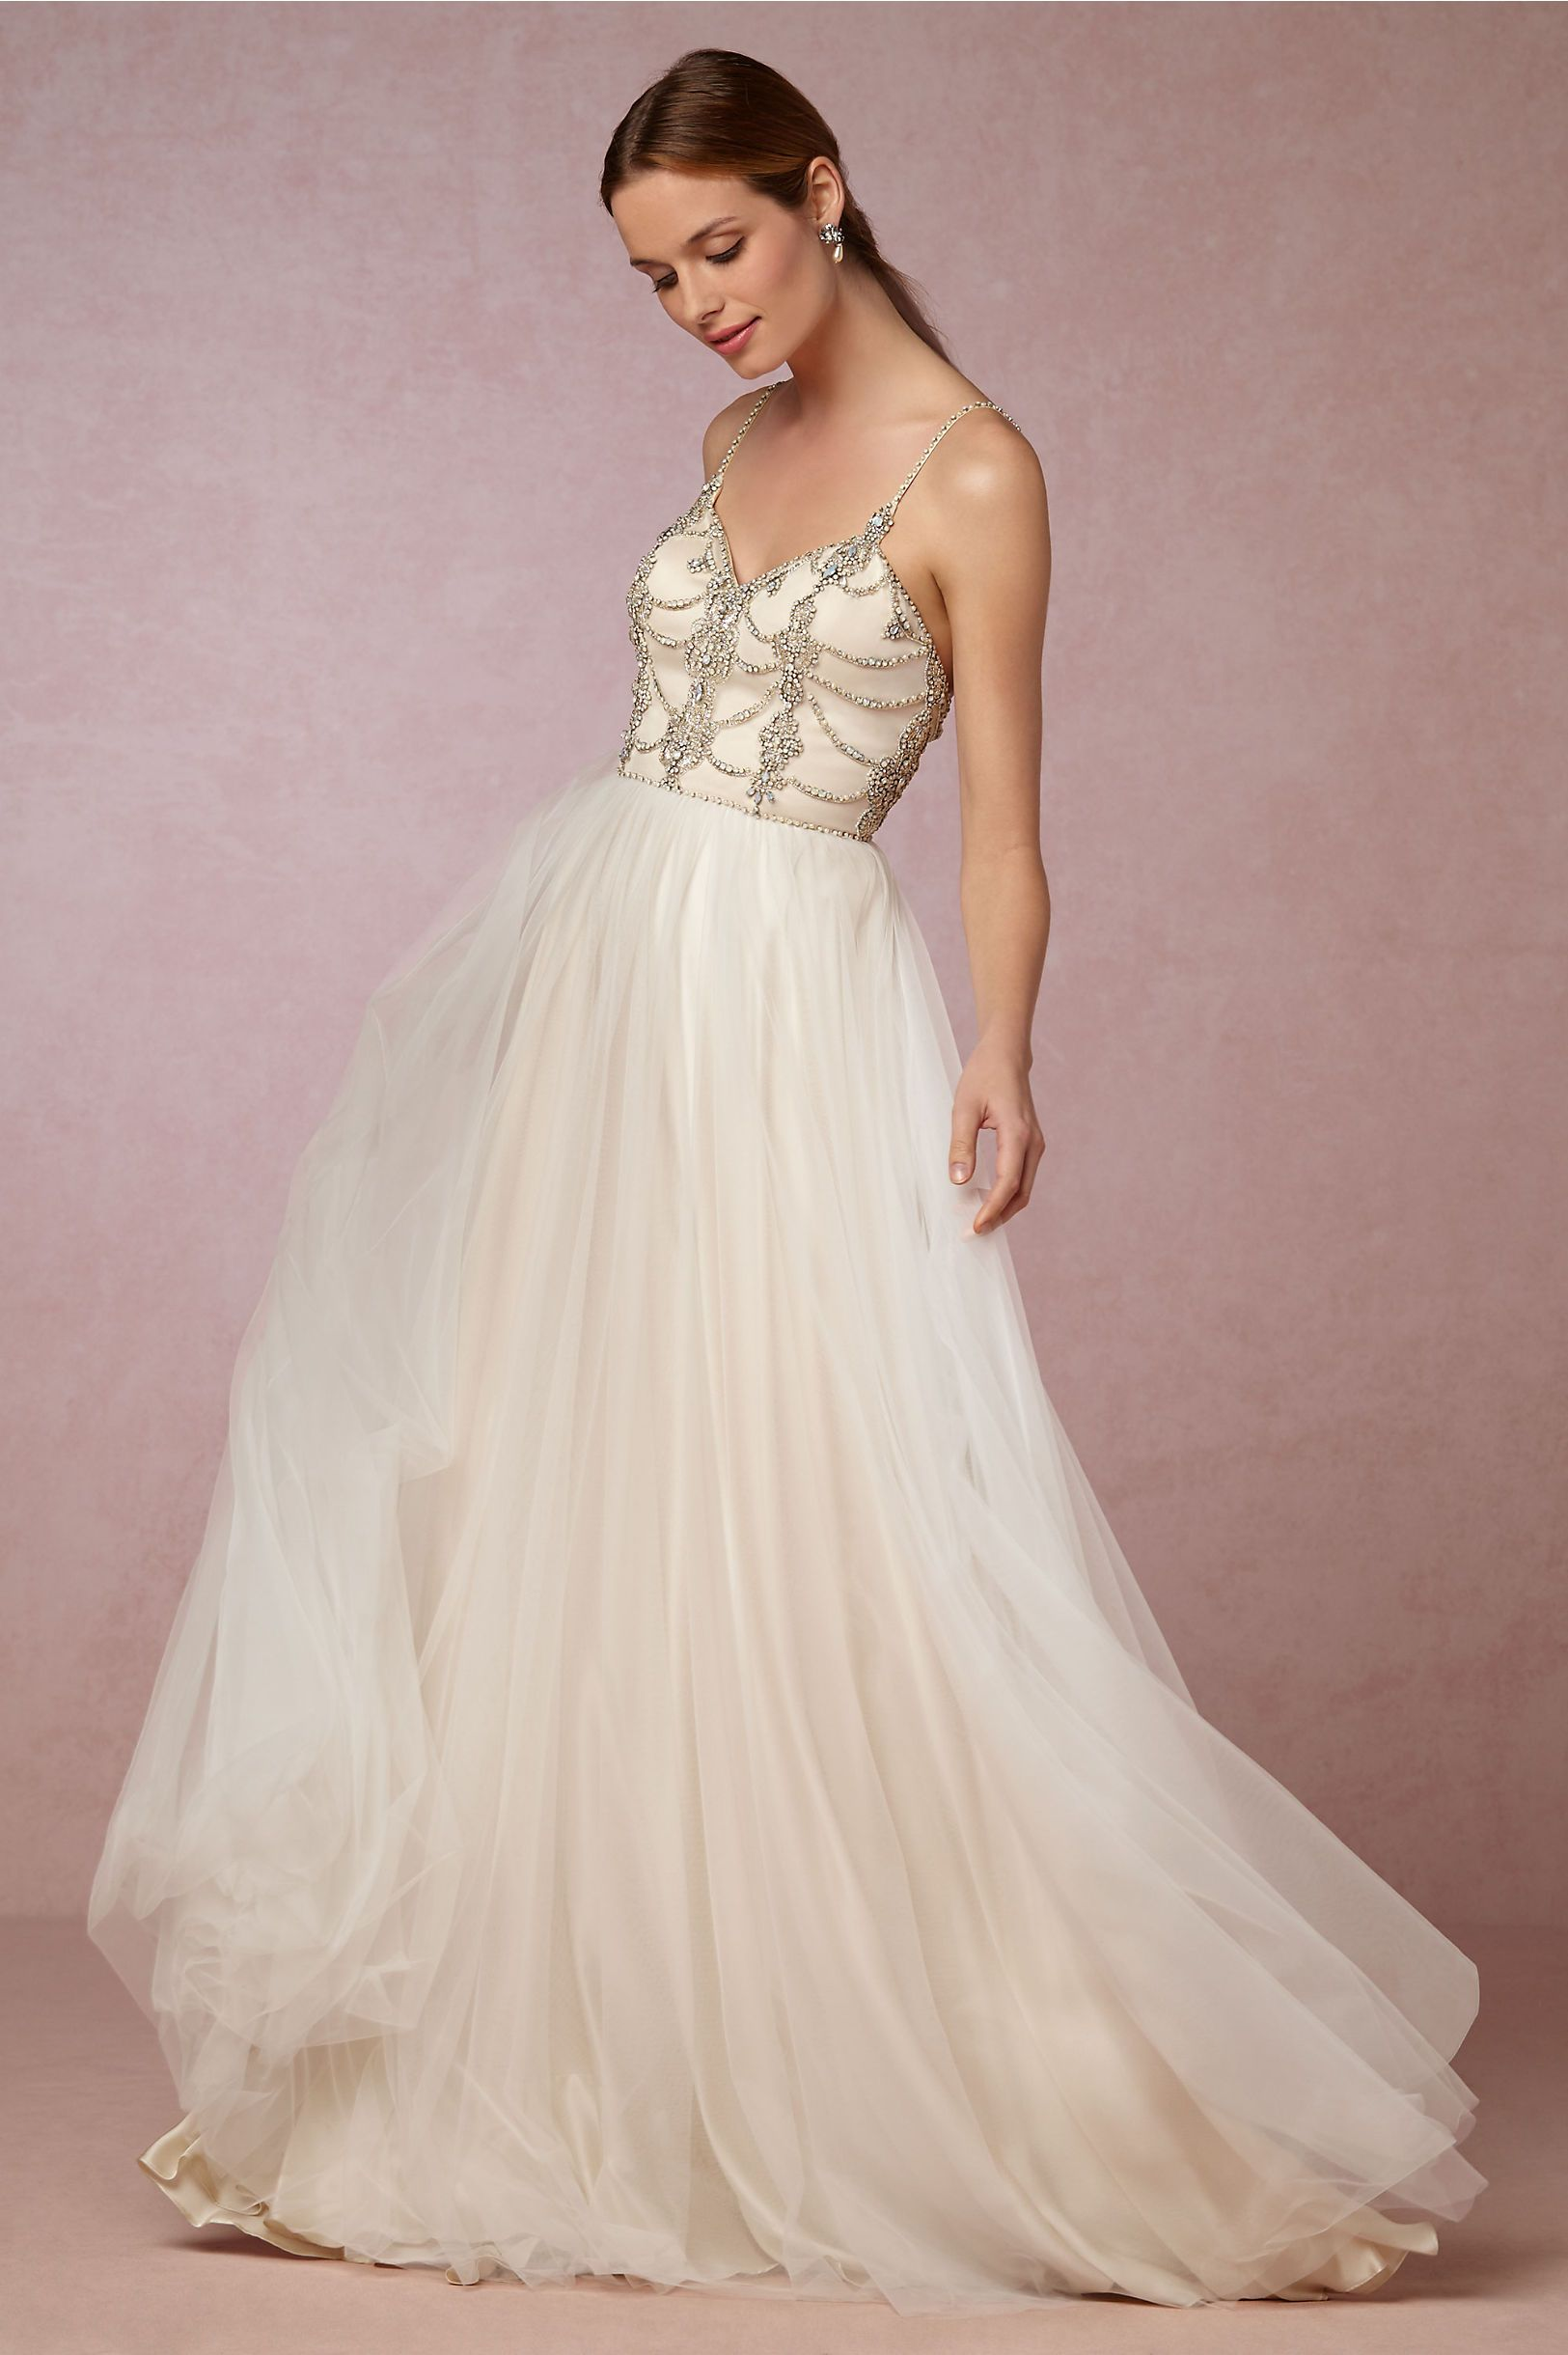 Freya Gown Bhldn Wedding Dress Bhldn Wedding Gowns Wedding Dresses